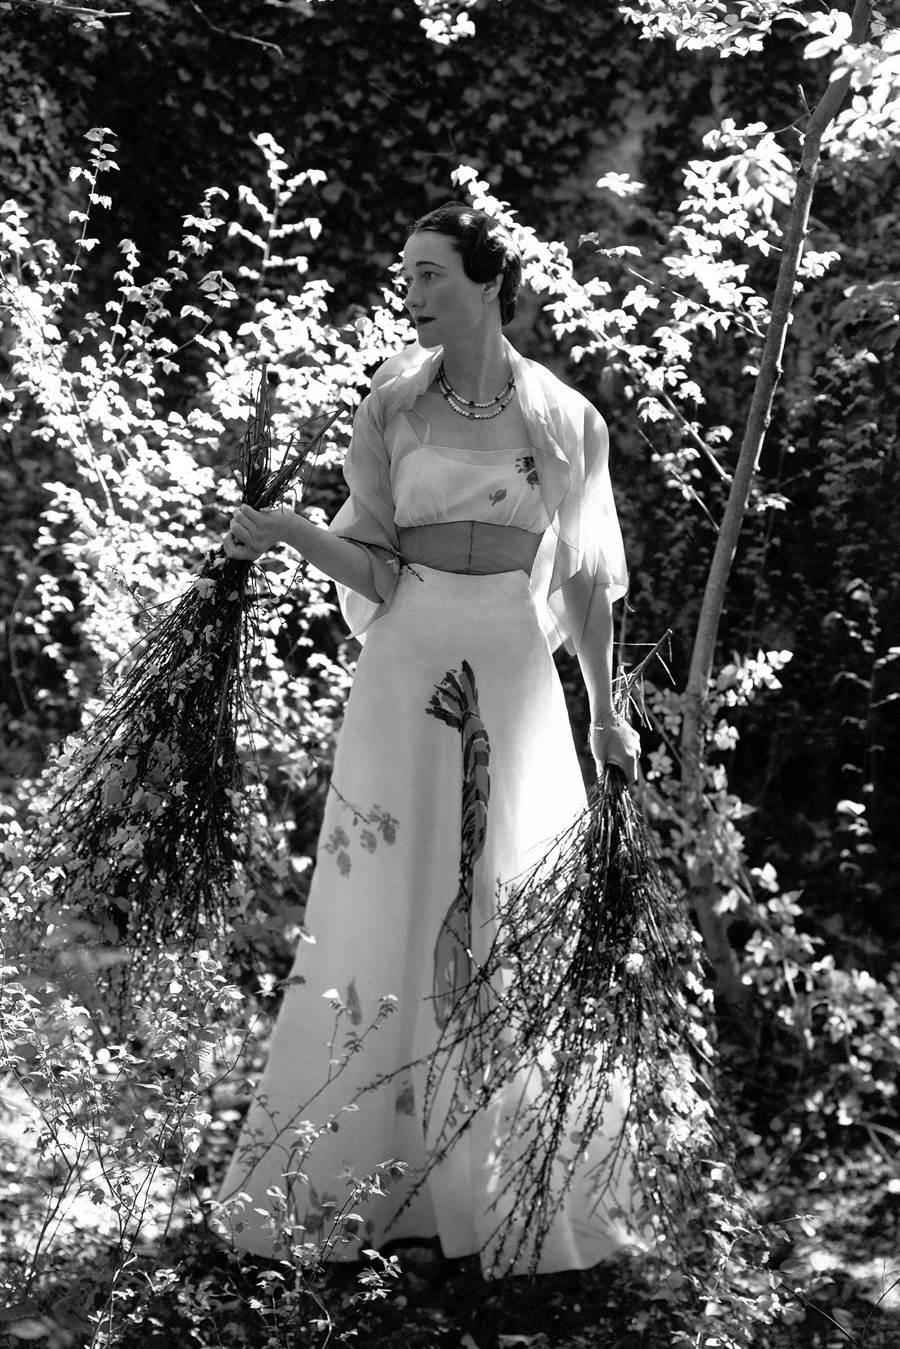 薛波瑞麗設計的龍蝦裝已是時尚經典,當年溫莎公爵夫人搶穿入鏡,登上VOGUE雜誌。(擷自VOGUE官網)